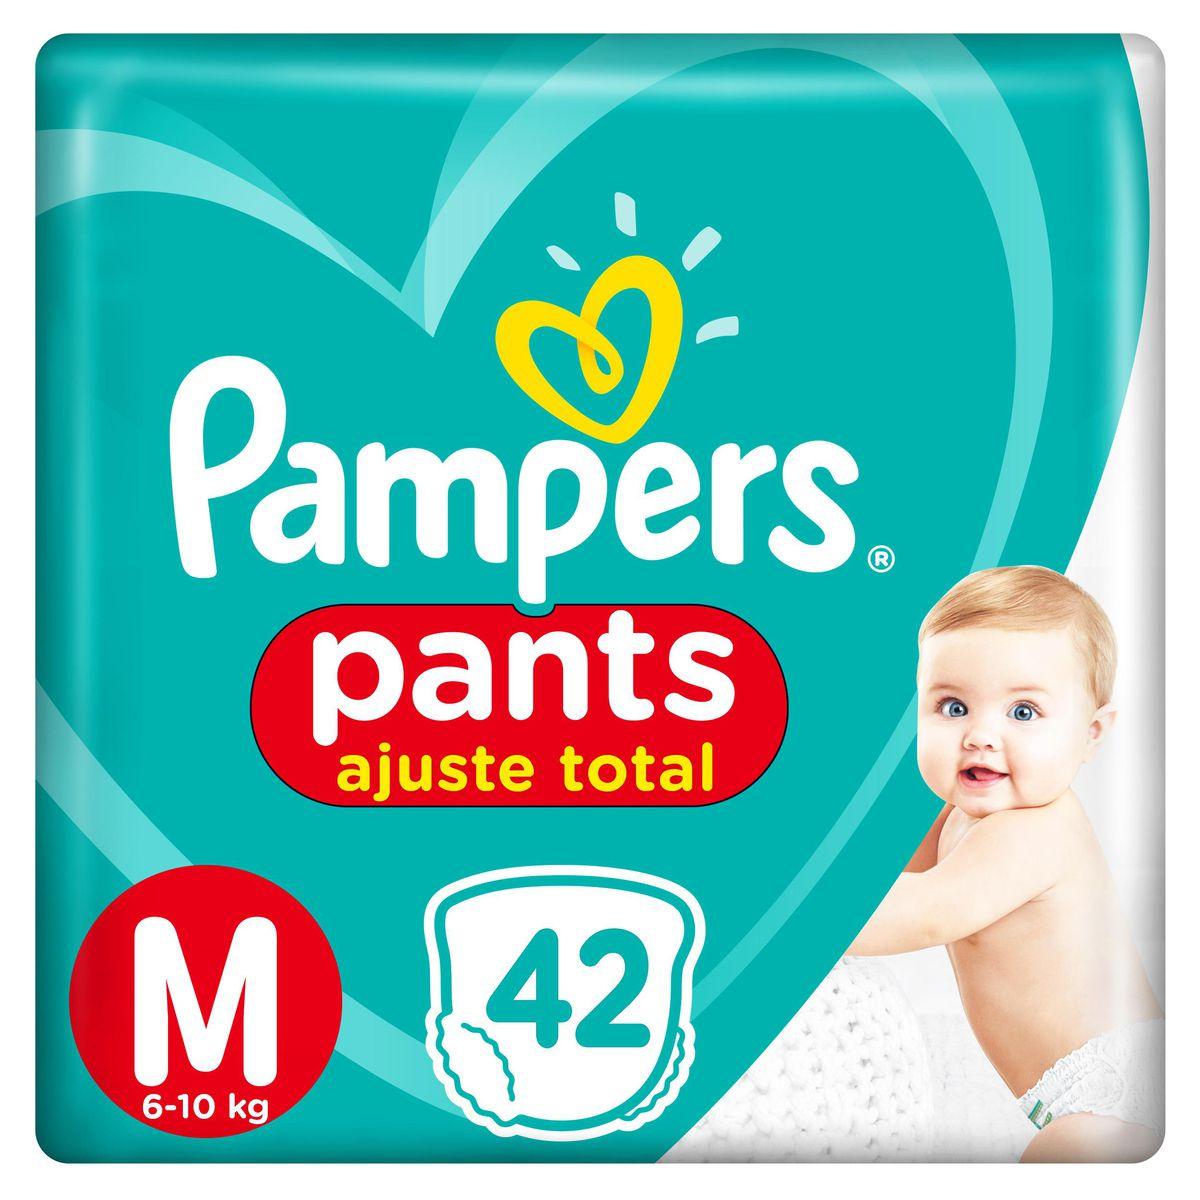 Fralda Pampers Pants Ajuste Total Mega Tamanho M 42 Unidades